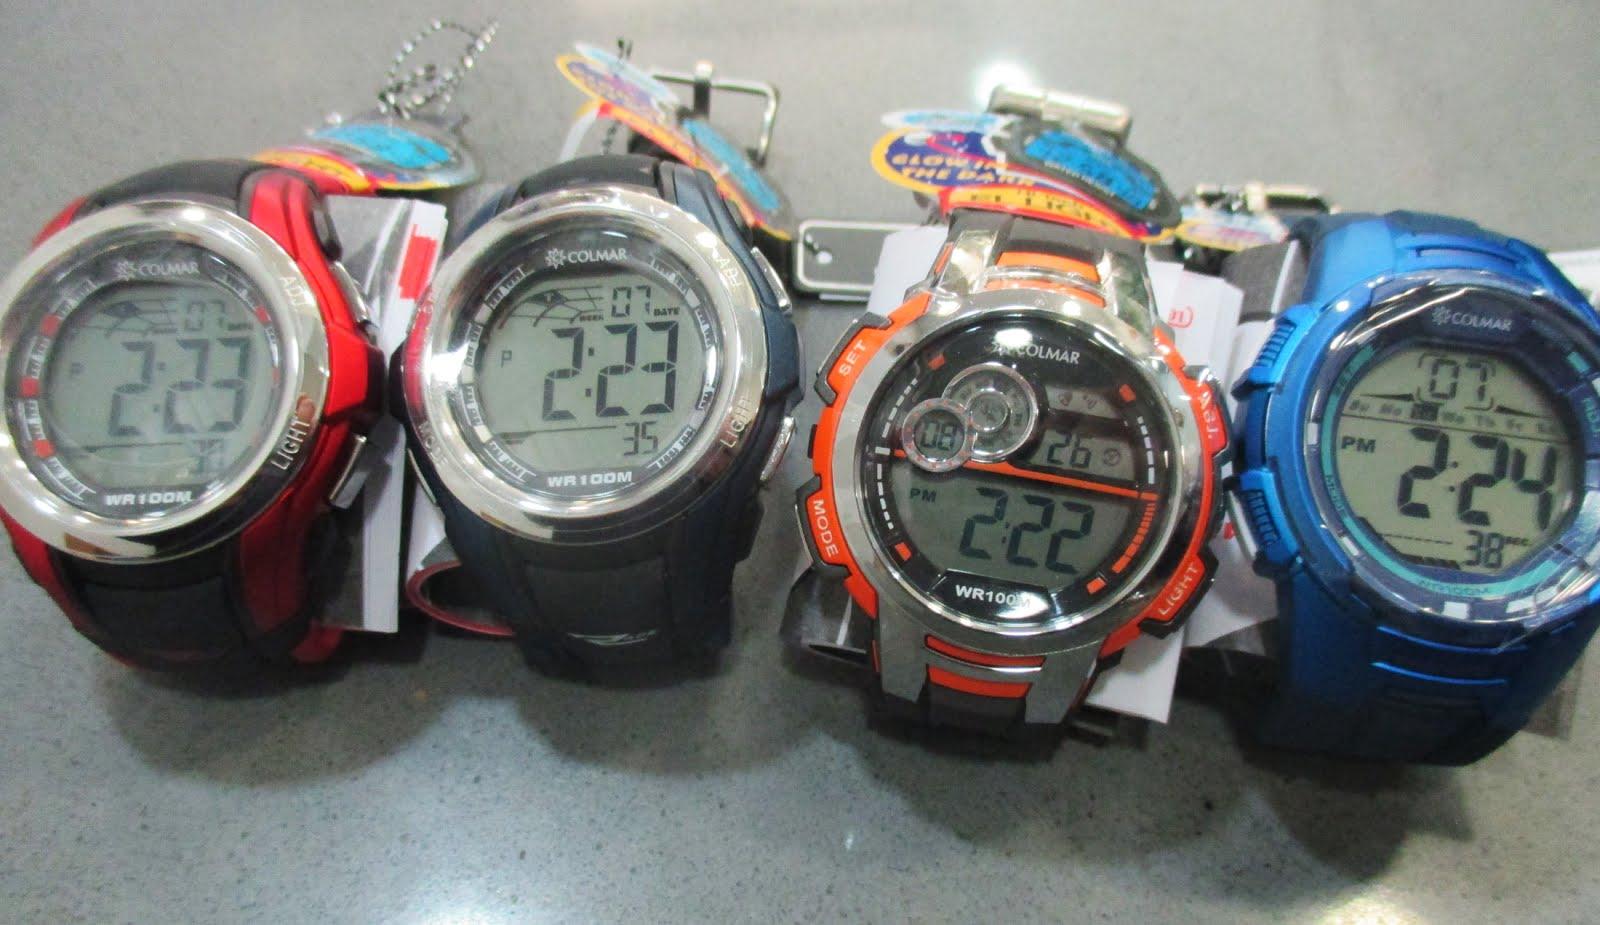 Relojes digitales Colmar para chico